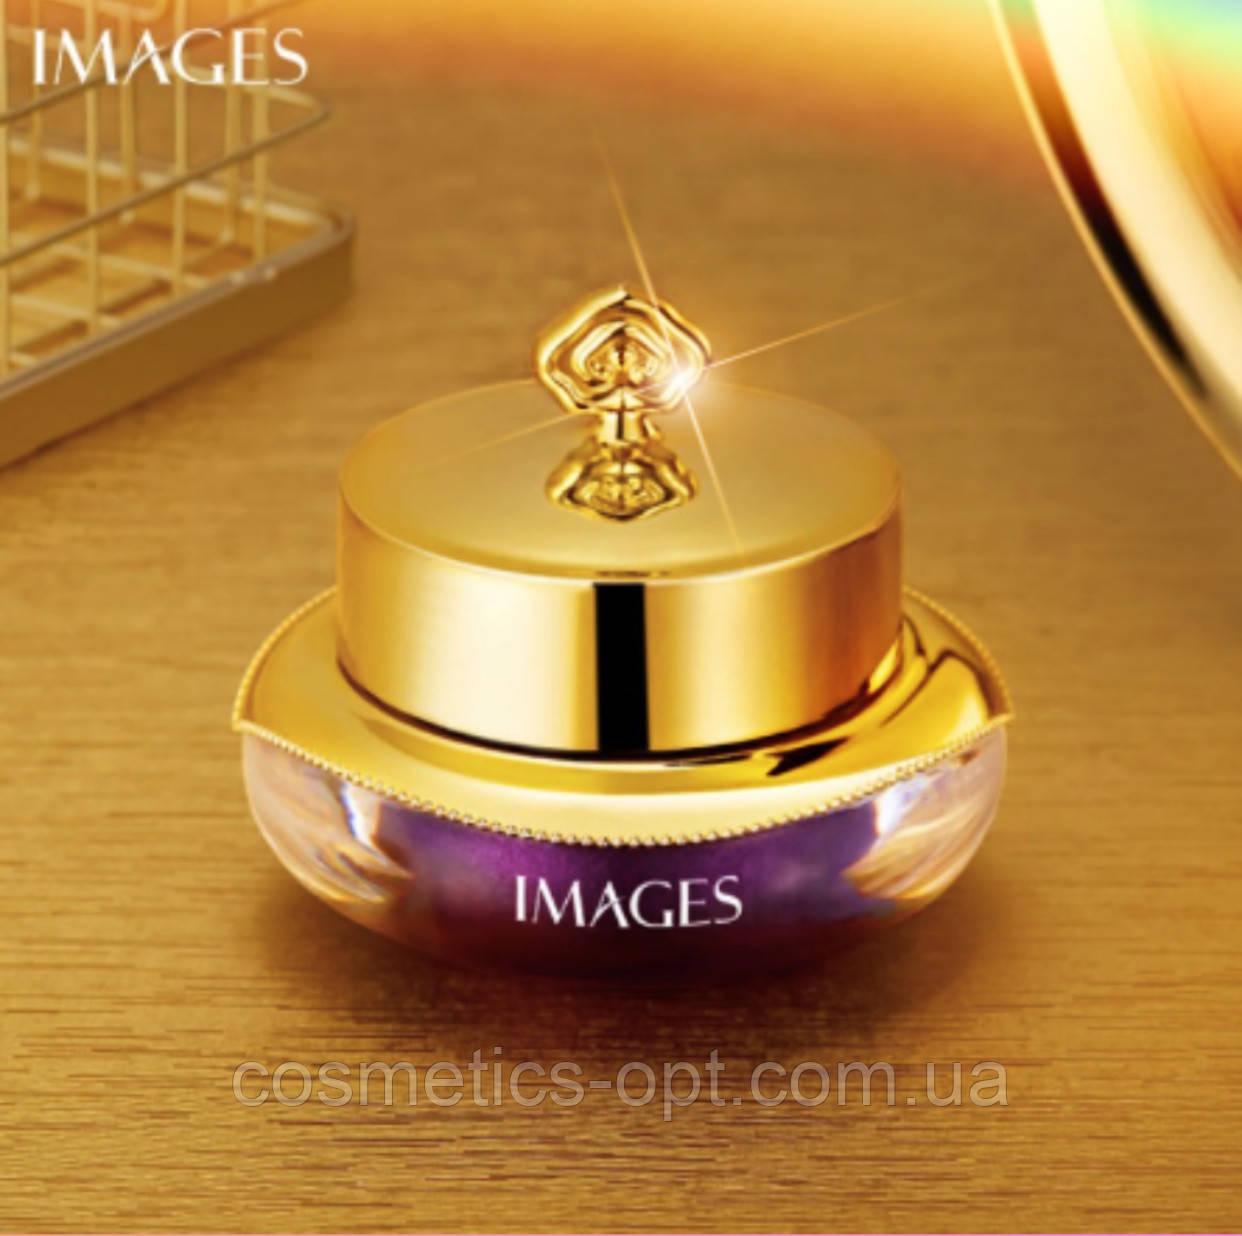 Крем для обезвоженной тусклой кожи Images Anti-Freckle Cream, 10 g